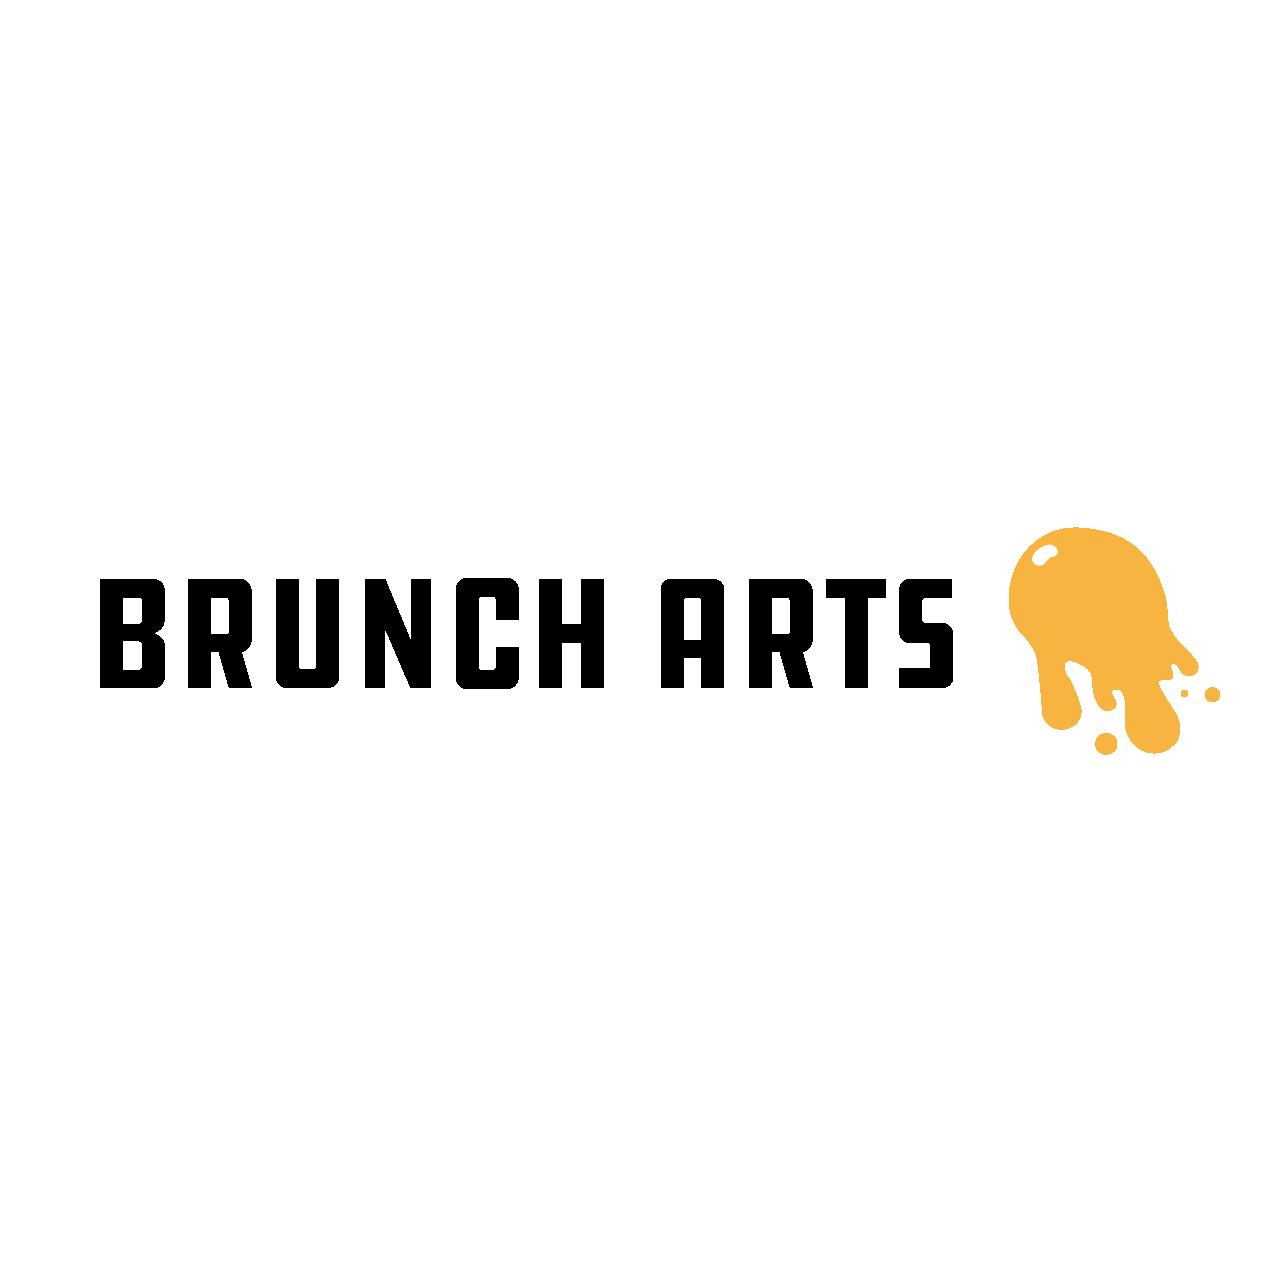 logos_files-01.png